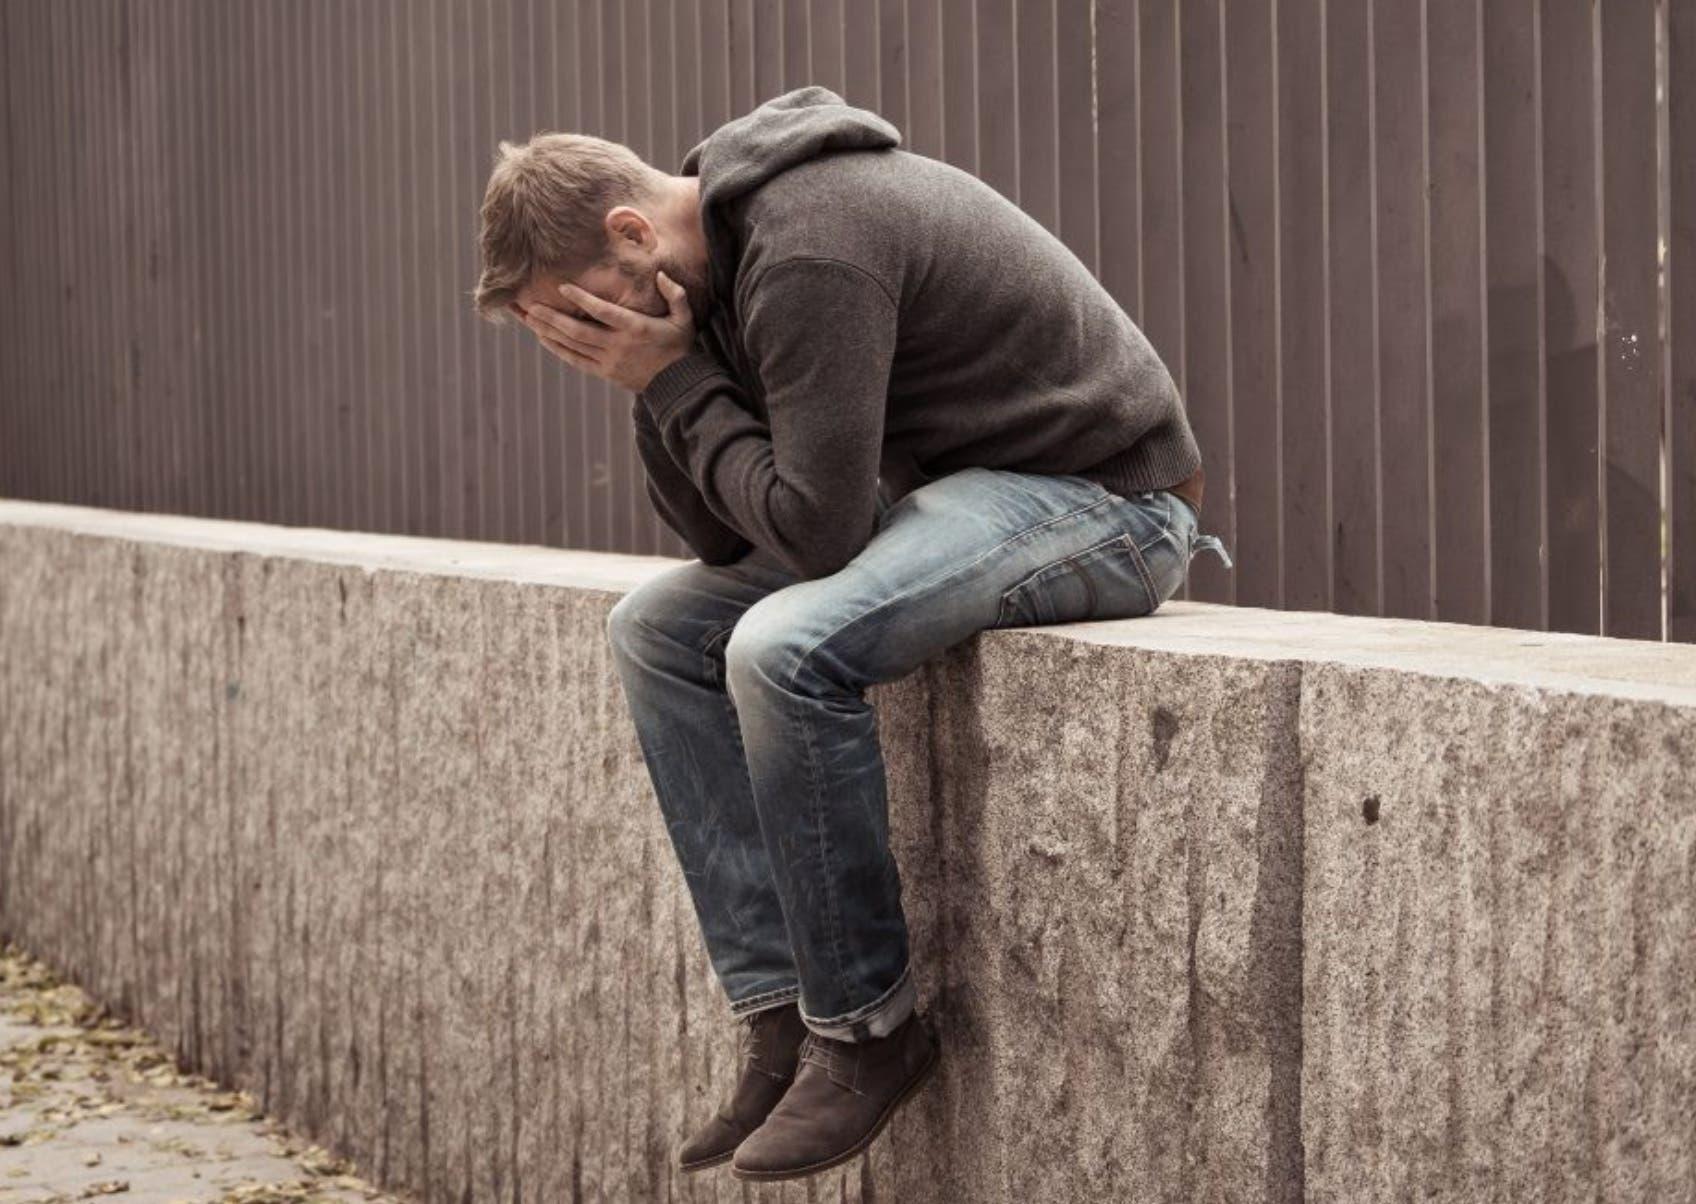 Las primeras señales son la clave para preservar la vida de un suicida